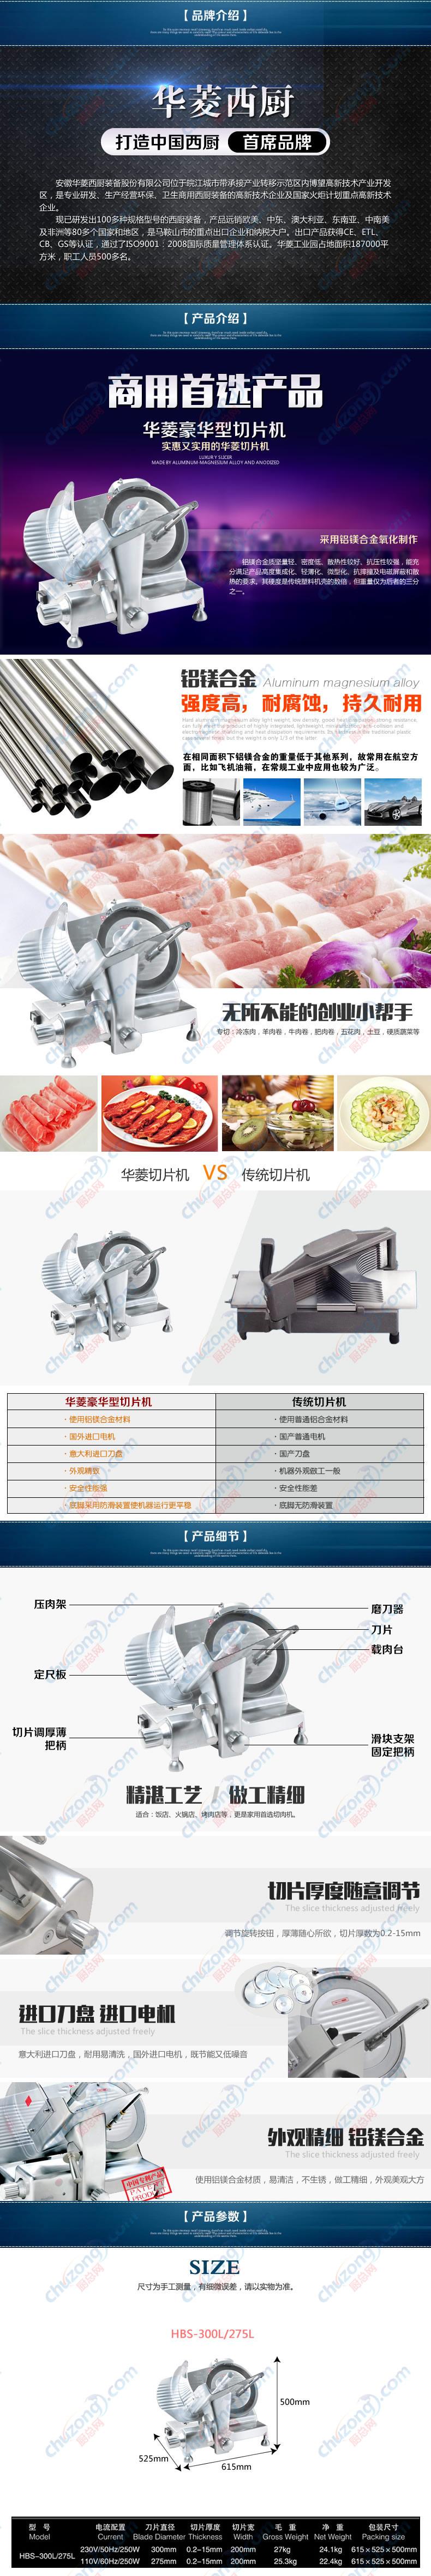 华菱西厨切片机,半自动切片机,不锈钢切片机HBS-300L